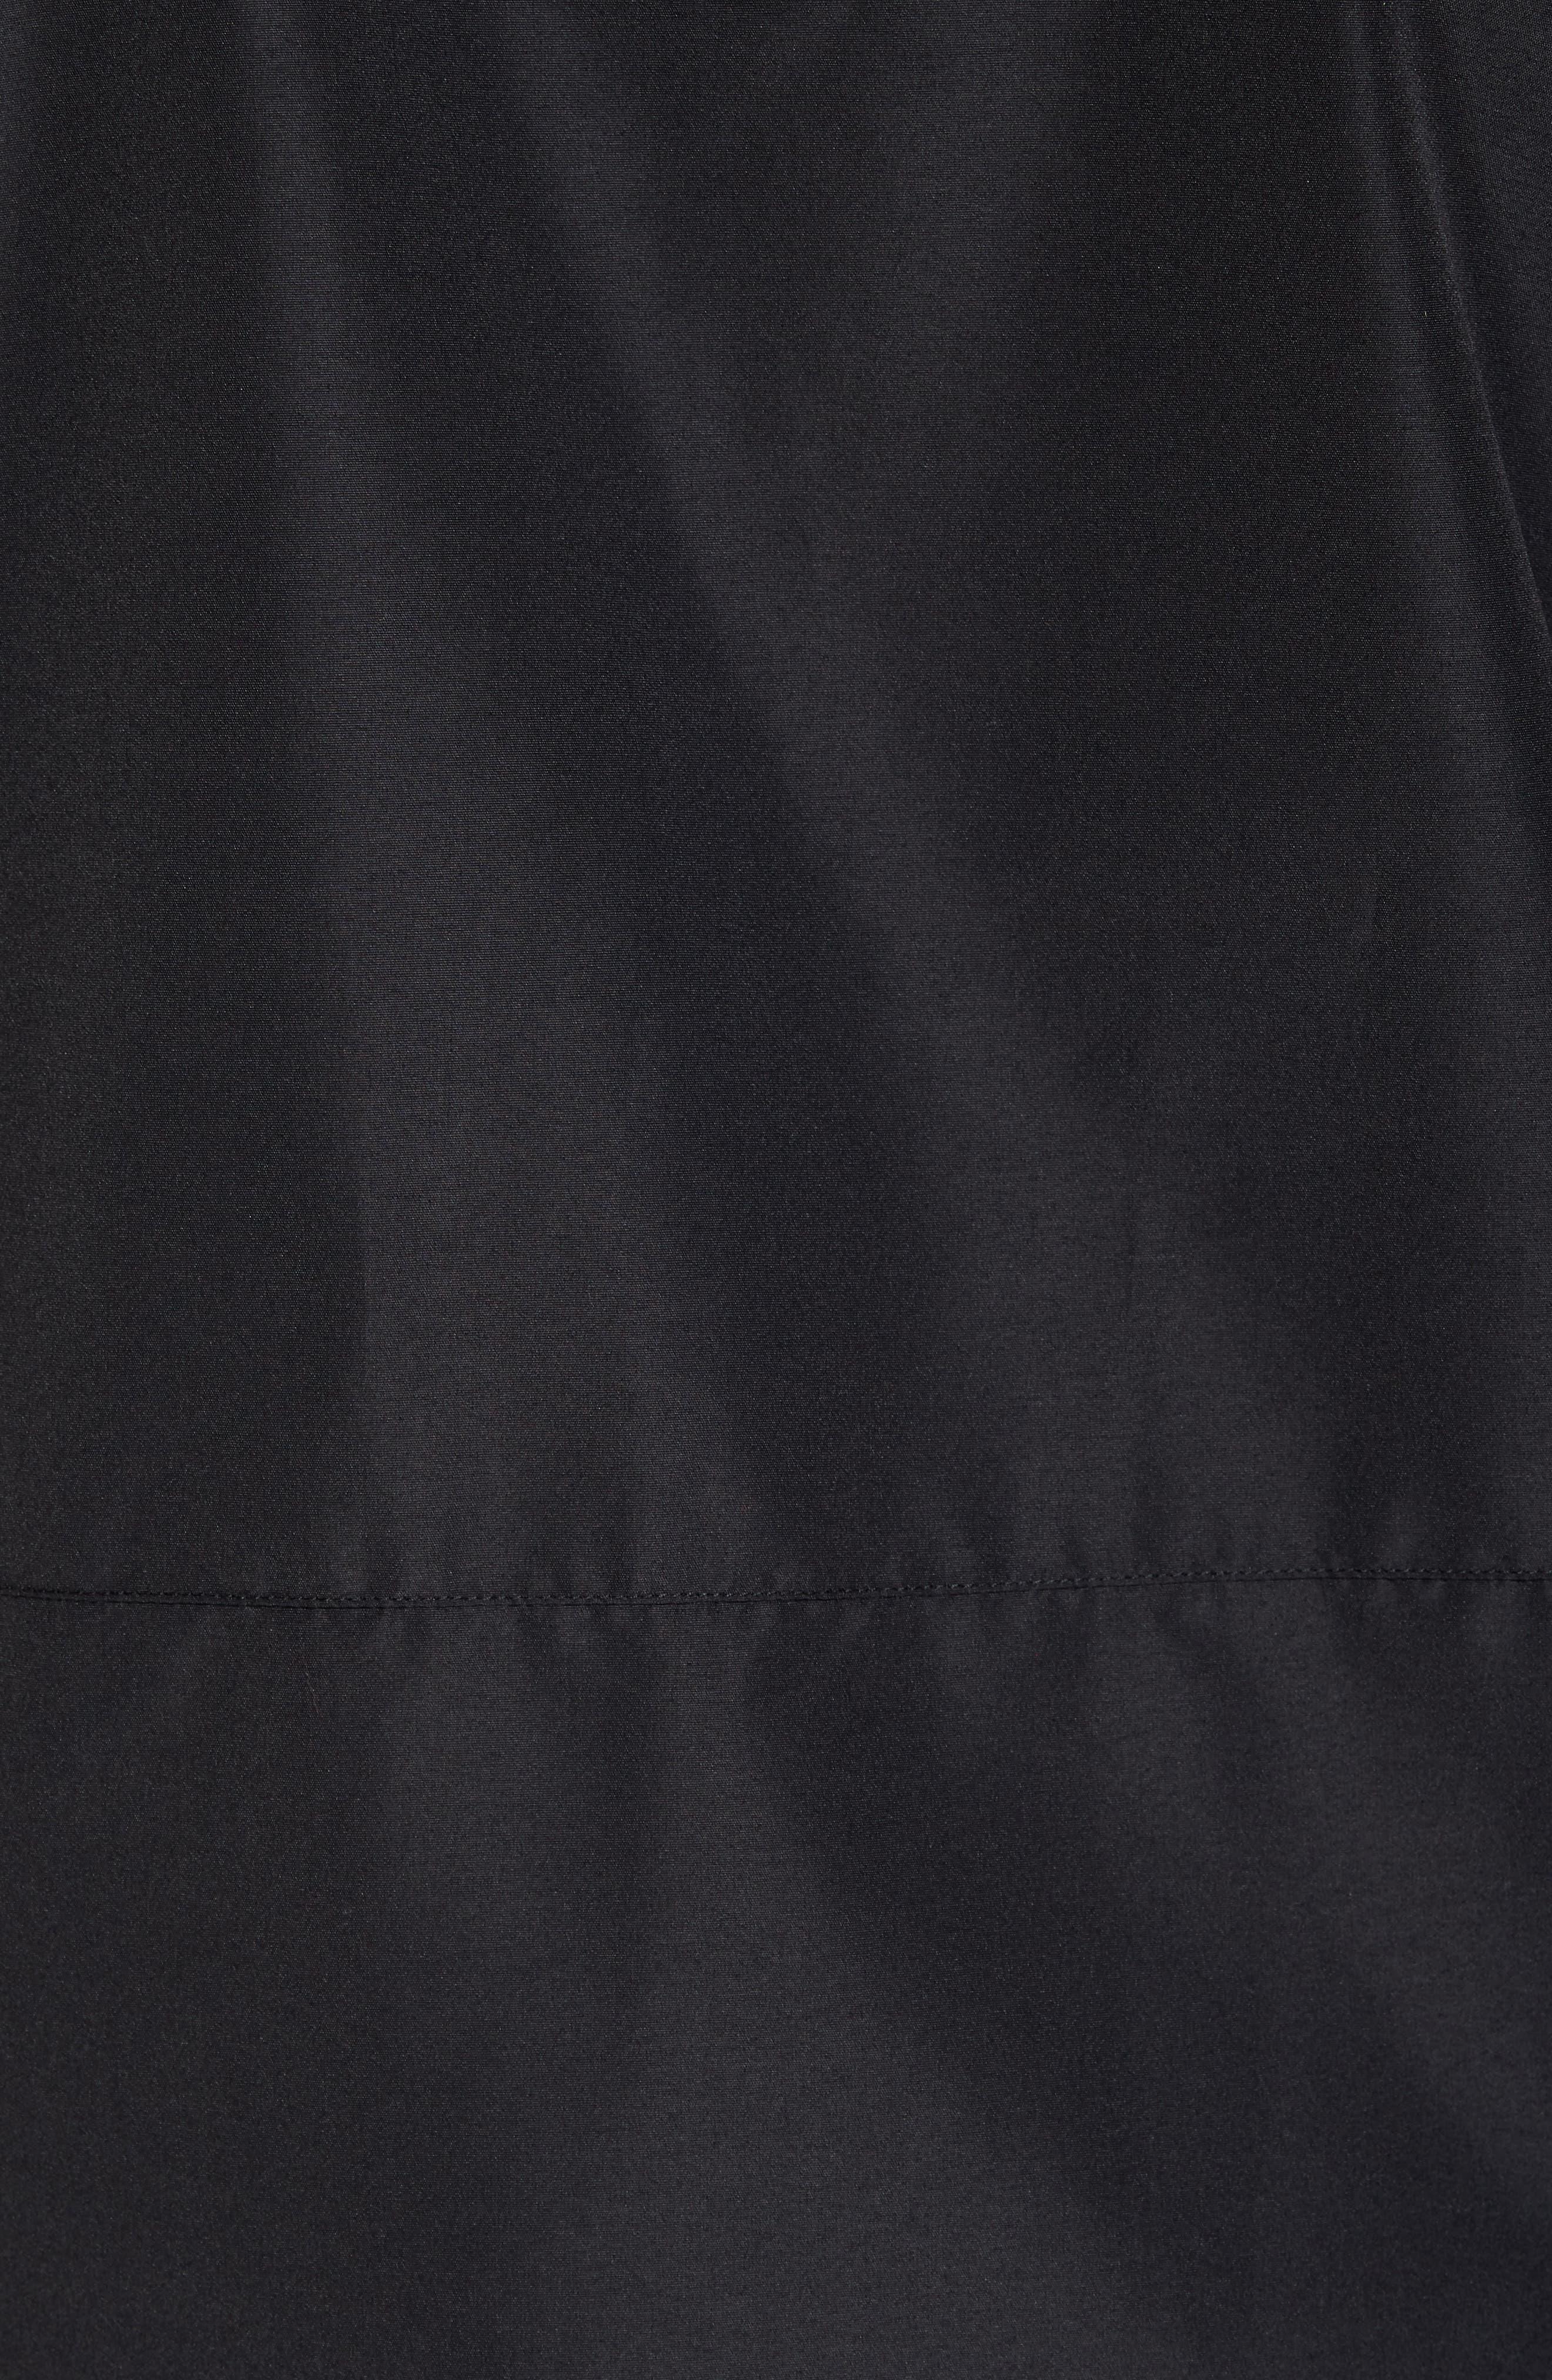 Ambush Hooded Jacket,                             Alternate thumbnail 6, color,                             001